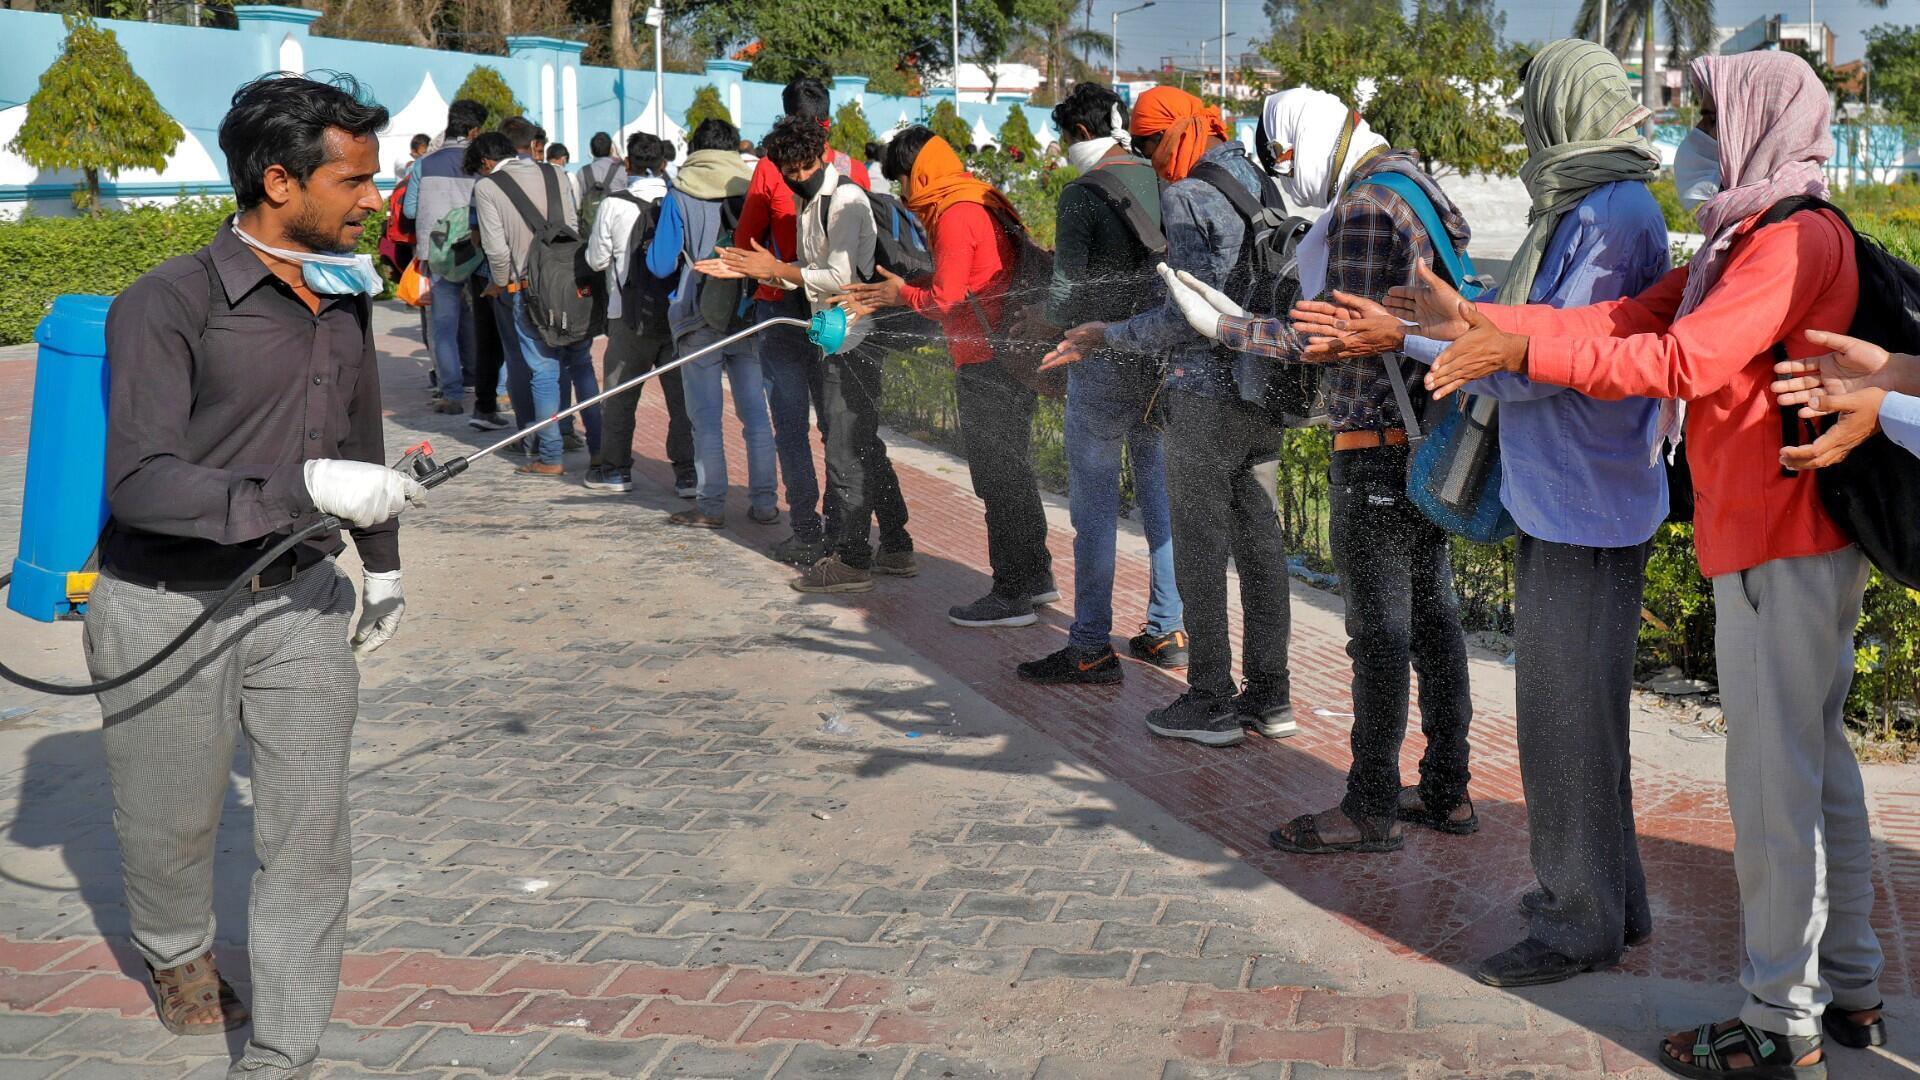 Archivo-Un trabajador municipal rocía desinfectante sobre los trabajadores migrantes antes de que aborden un autobús para regresar a sus aldeas, durante un cierre nacional de 21 días para frenar la propagación de la enfermedad por coronavirus (COVID-19), en Lucknow, India, 30 de marzo de 2020.